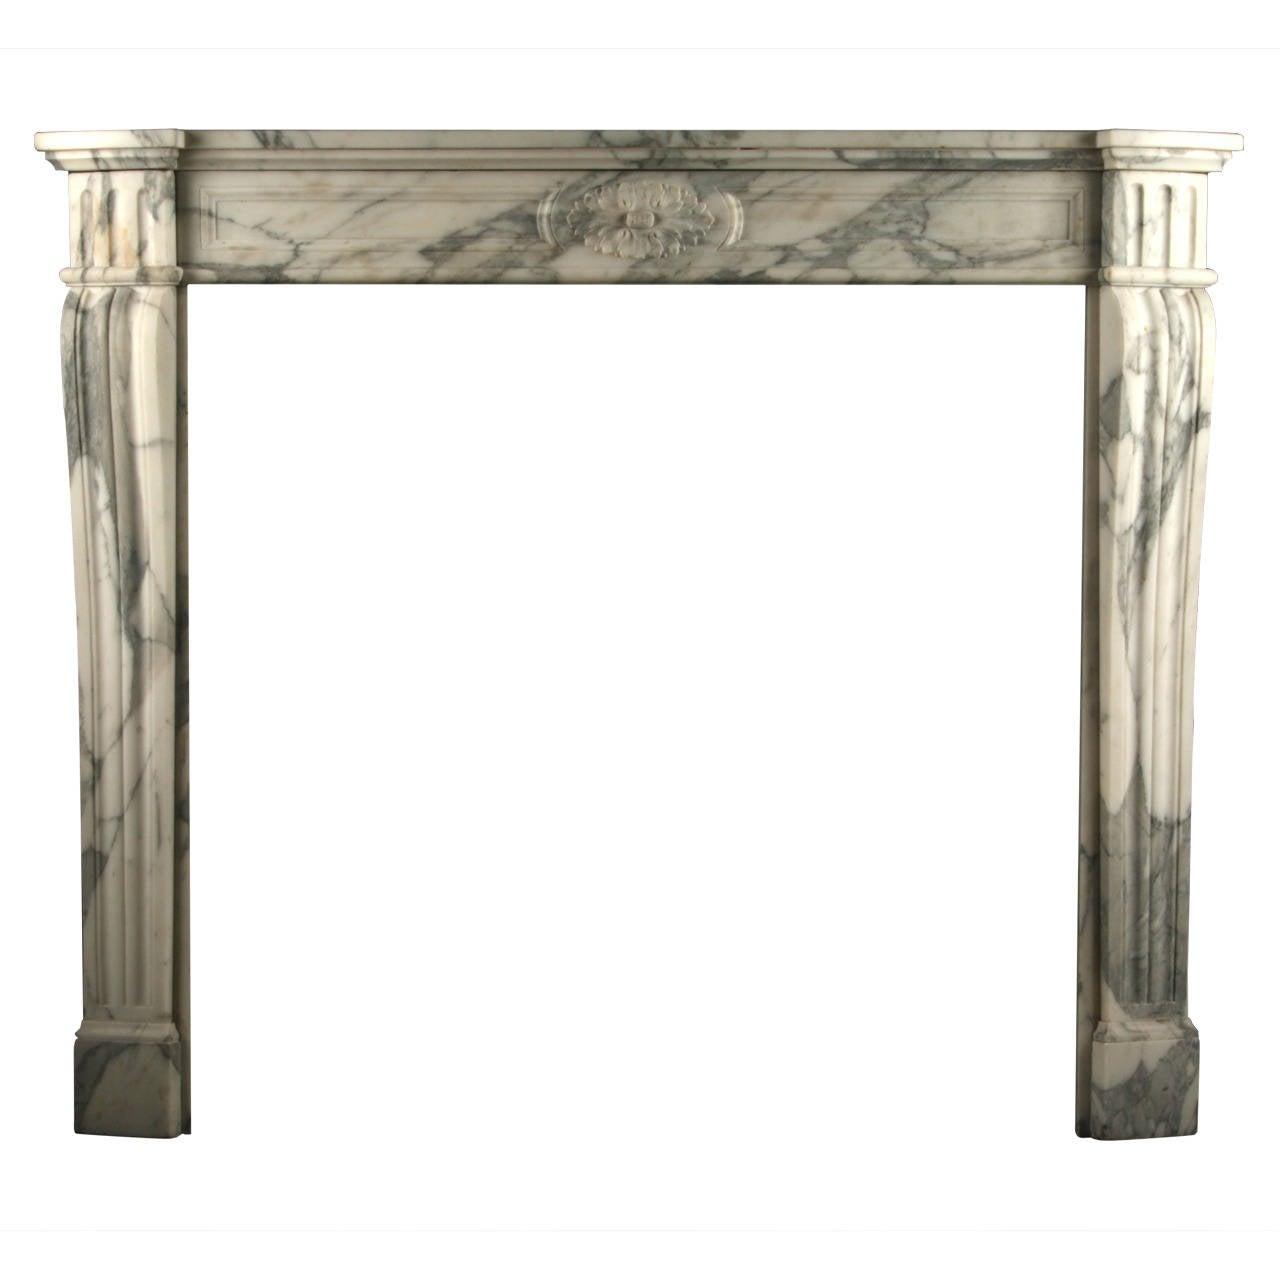 antique louis xvi regency fireplace mantel in arabescato